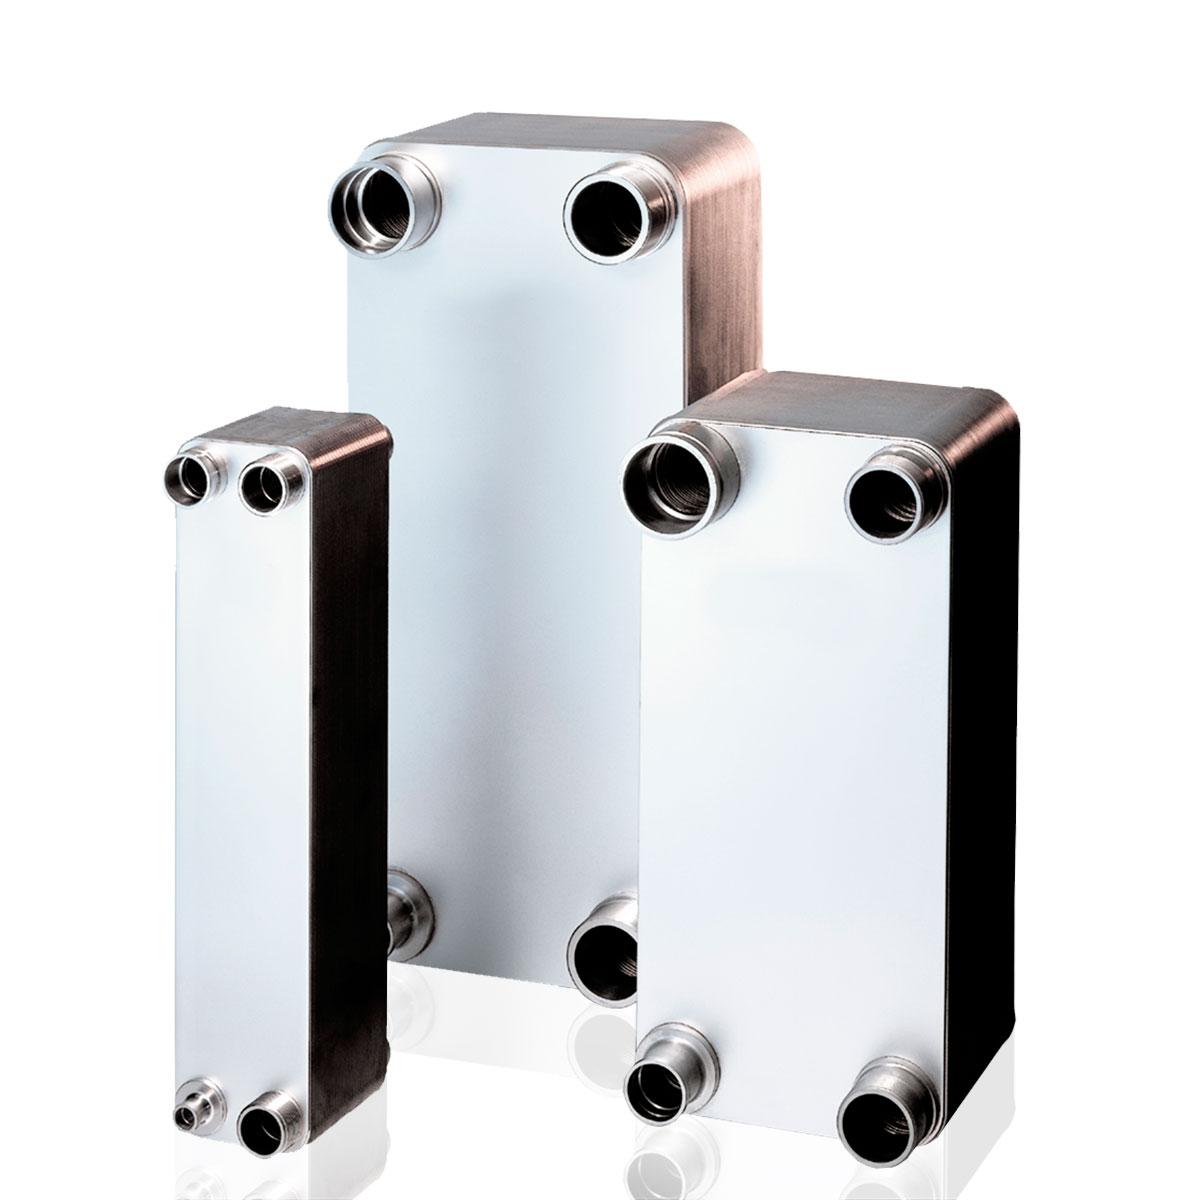 Паяные пластинчатые теплообменники: особенности конструкции и применения